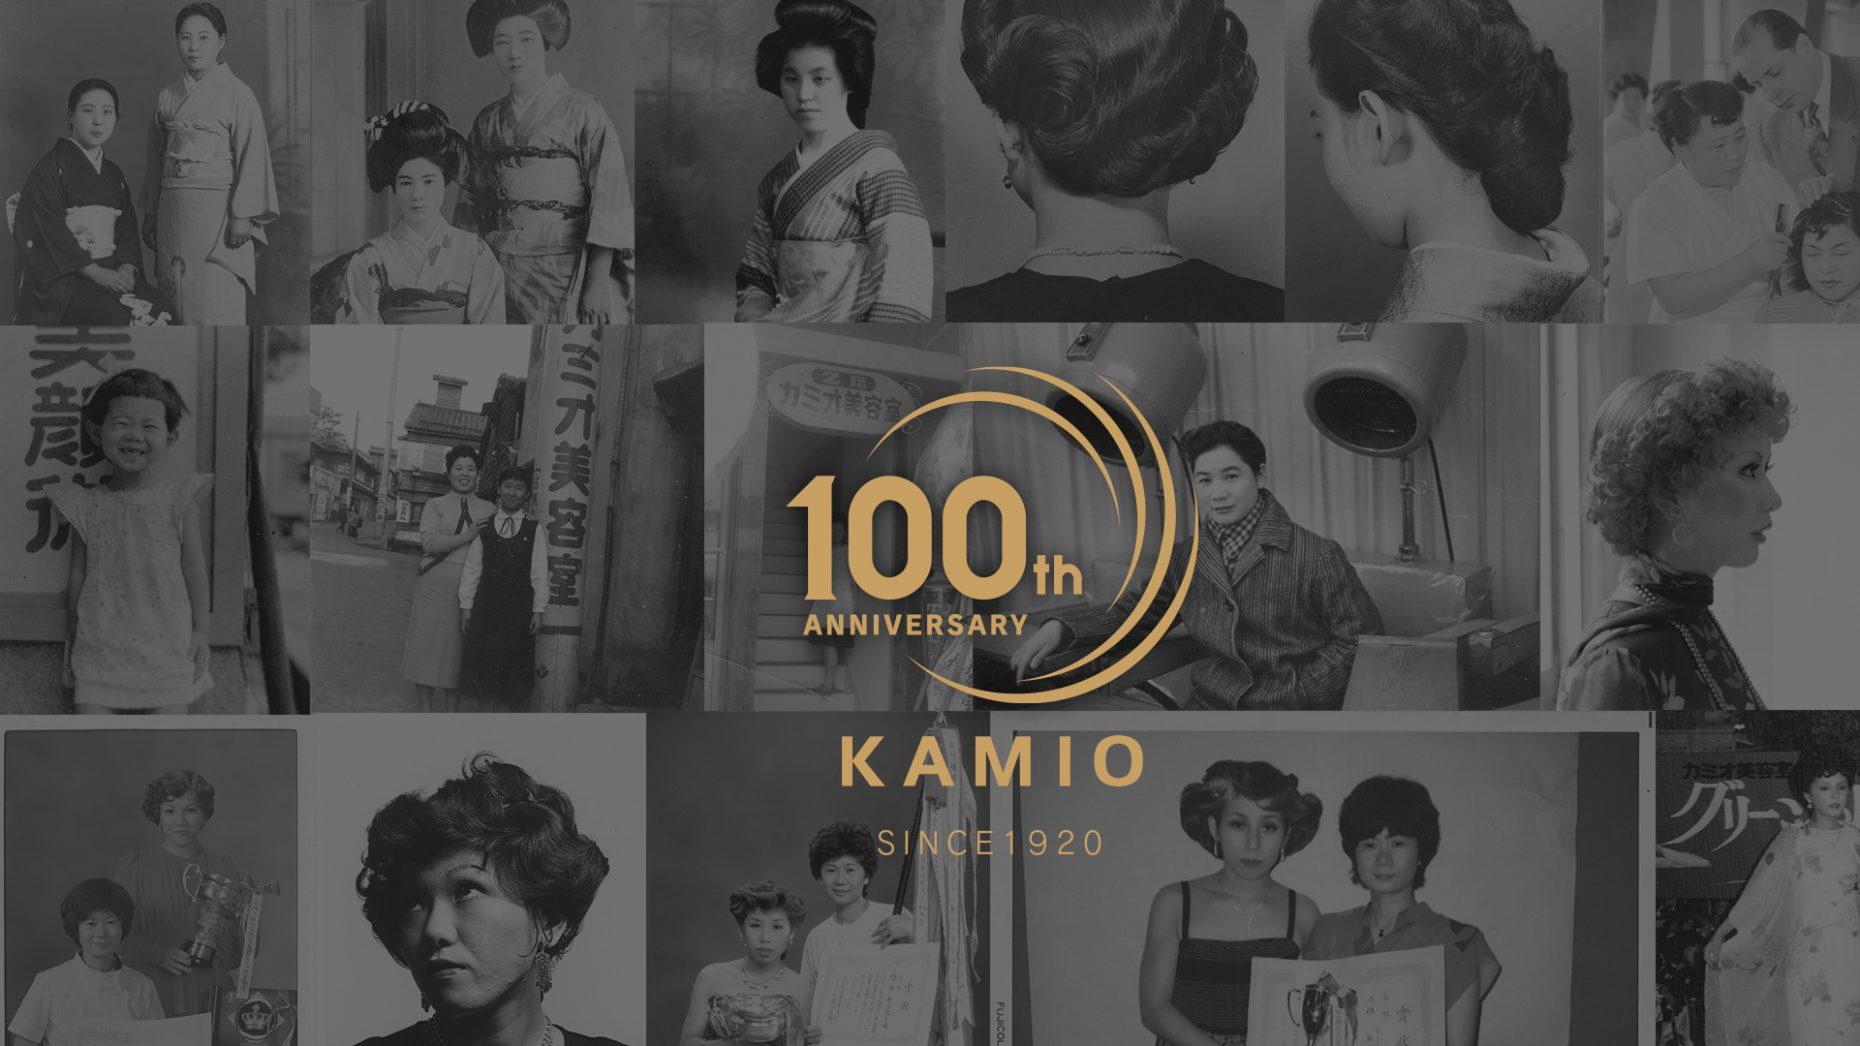 カミオは今年100周年を迎えました。